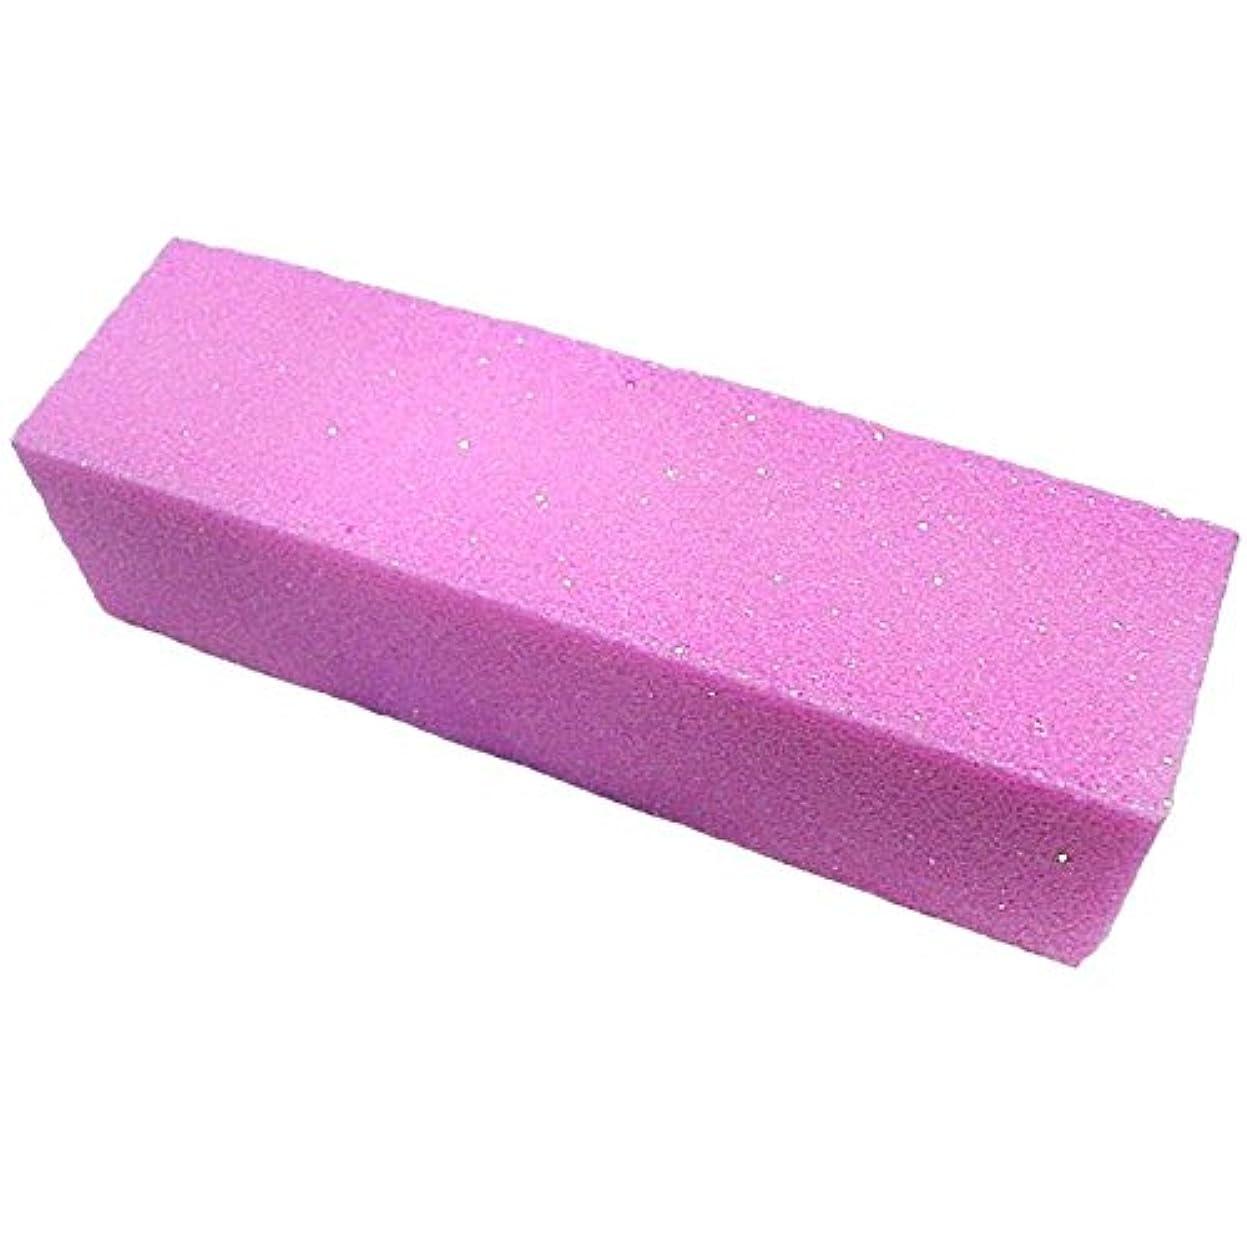 読者まさにパーフェルビッドRETYLY 10xピンク色のバッファバフサンディングブロックファイル マニキュアペディキュア ネイルアートの為